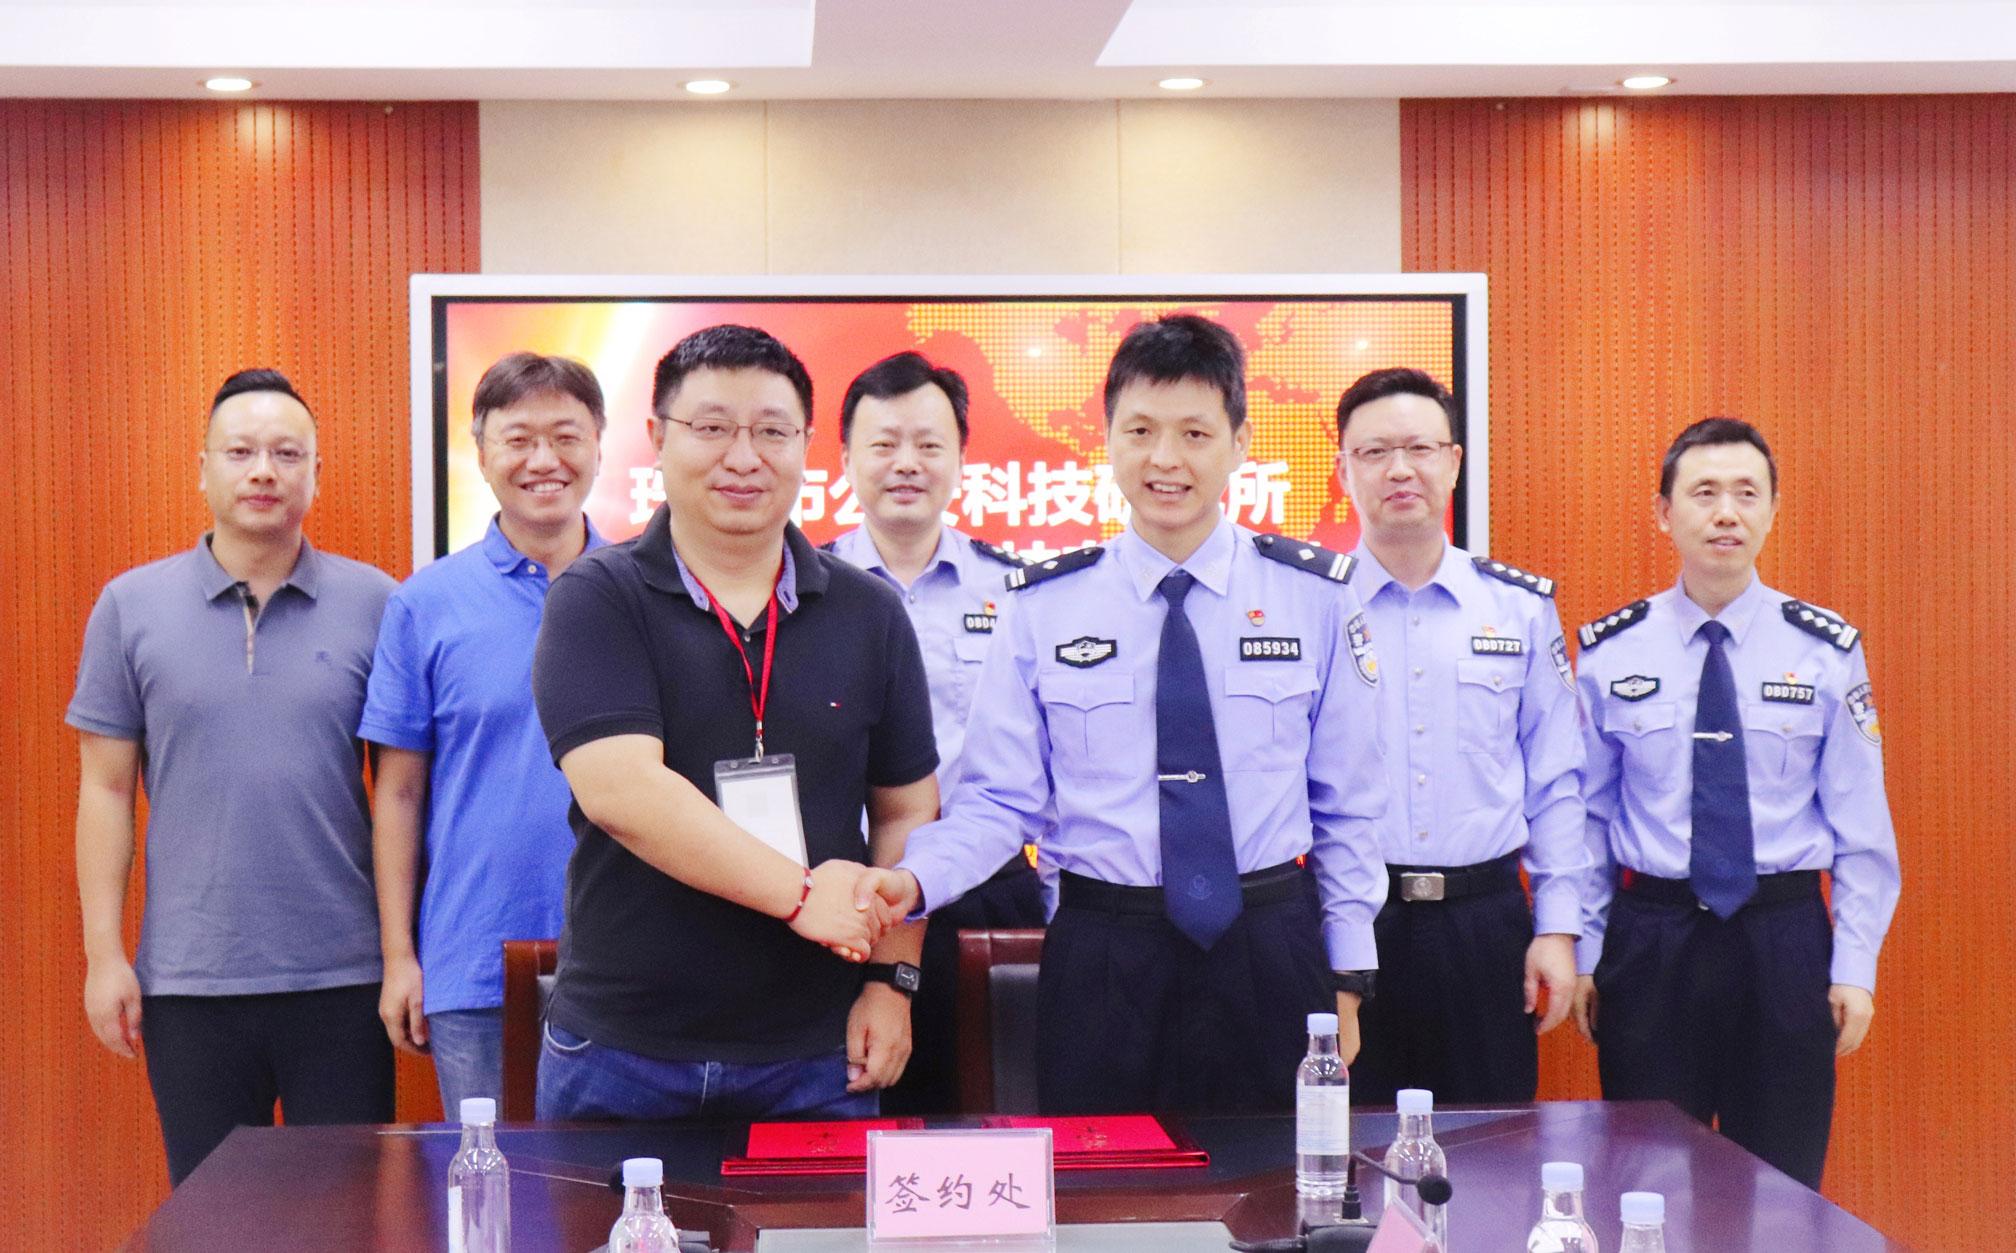 小源科技与珠海公安科研所达成战略合作,开启全国公安5G消息示范建设!